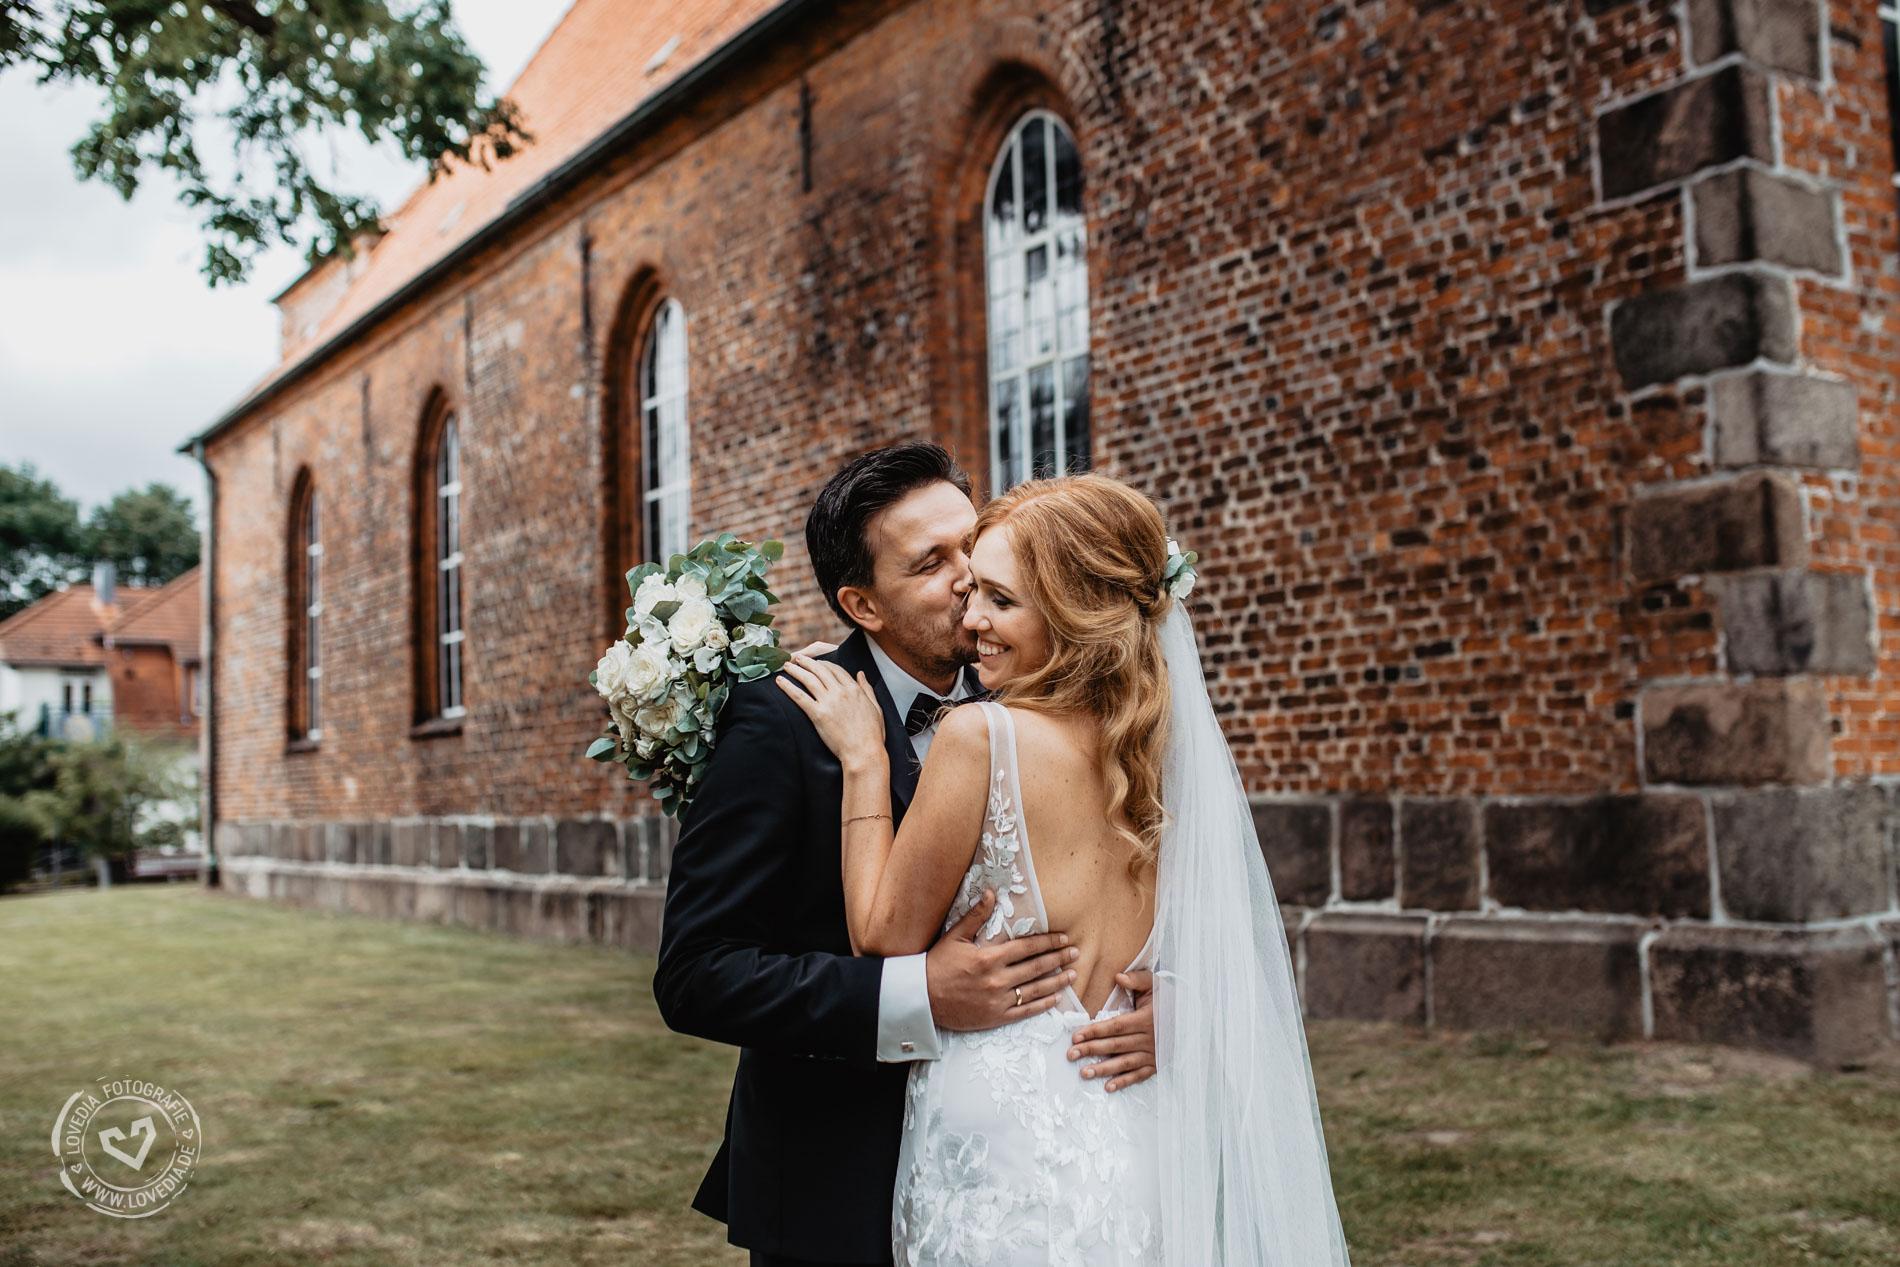 Als Hochzeitsfotografin begleitete ich das Brautpaar in der Ahrensburger Schlosskirche